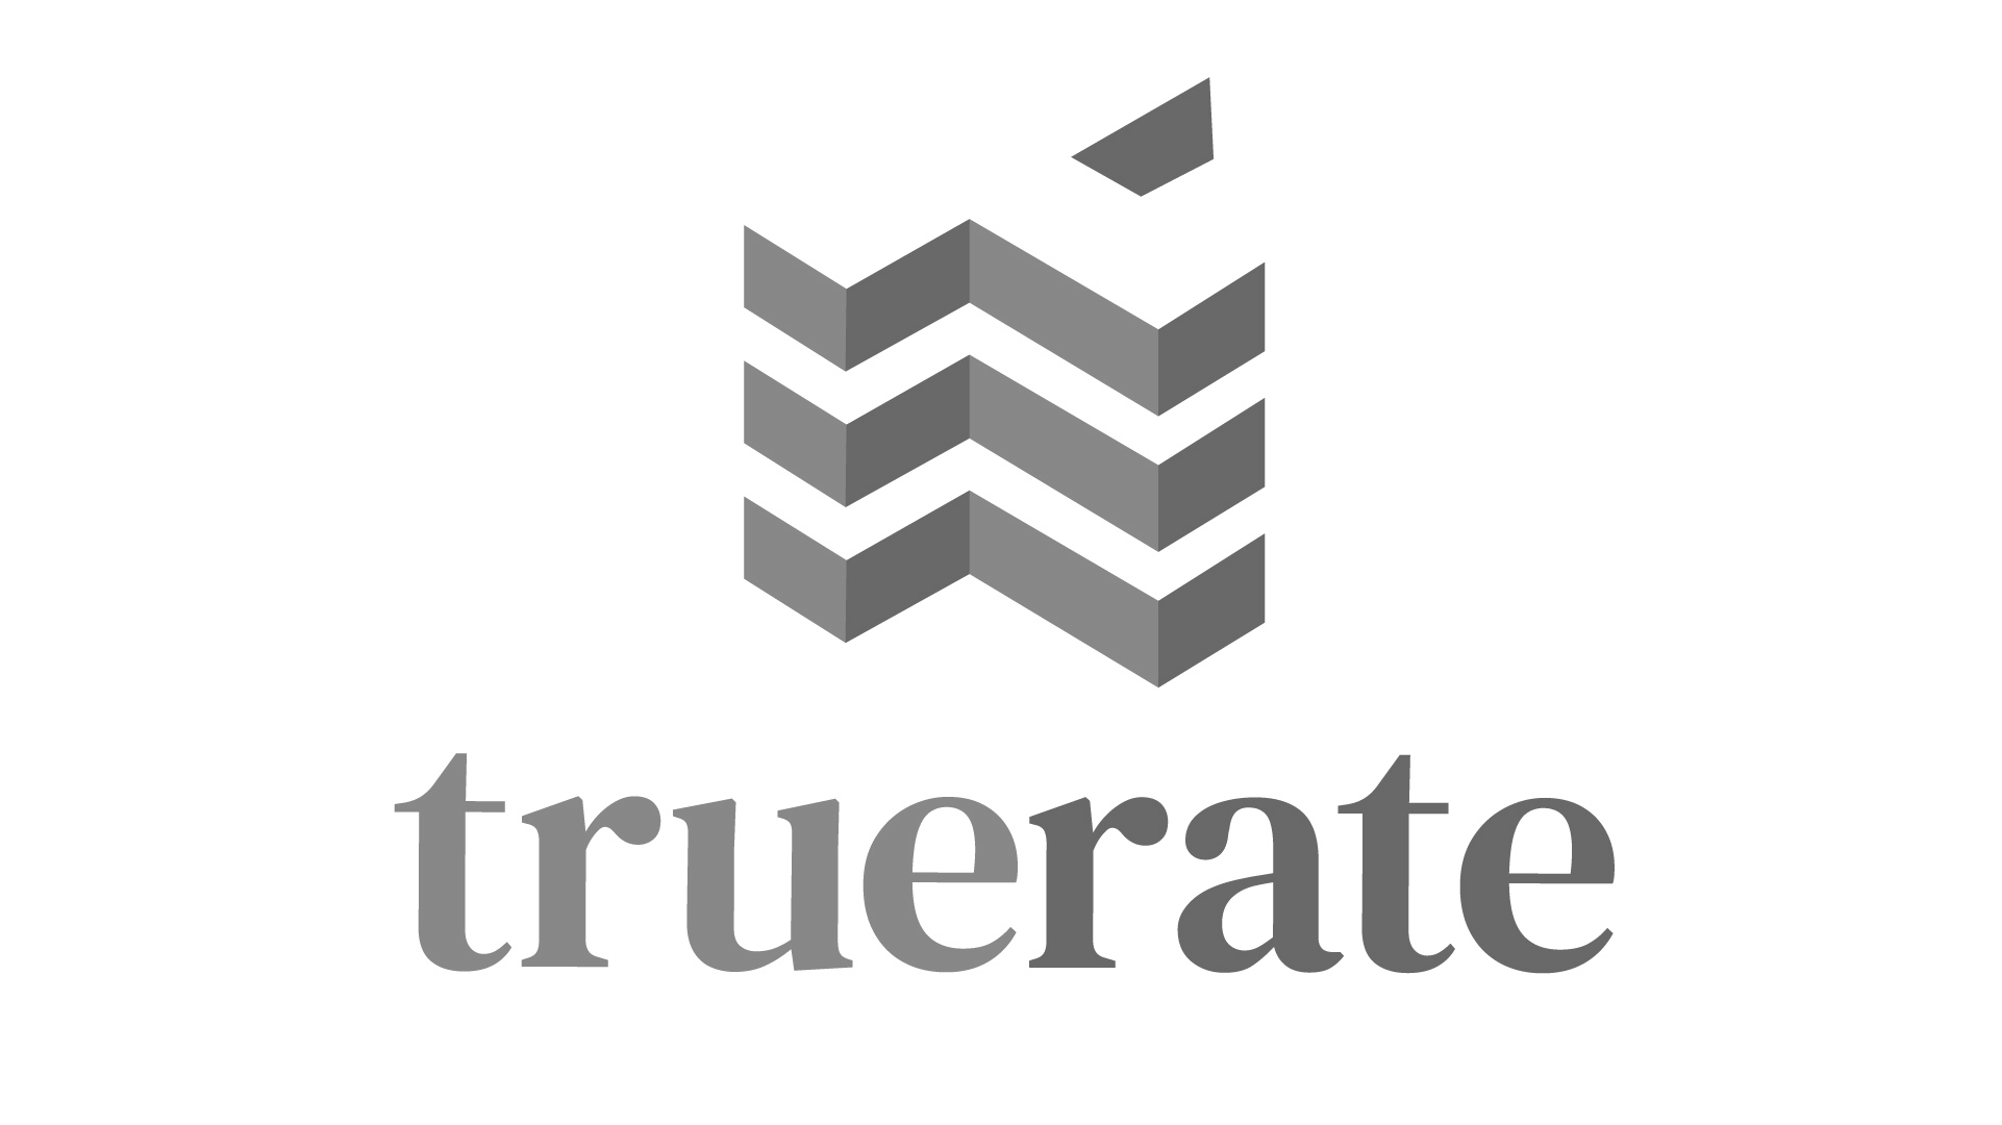 Truerate